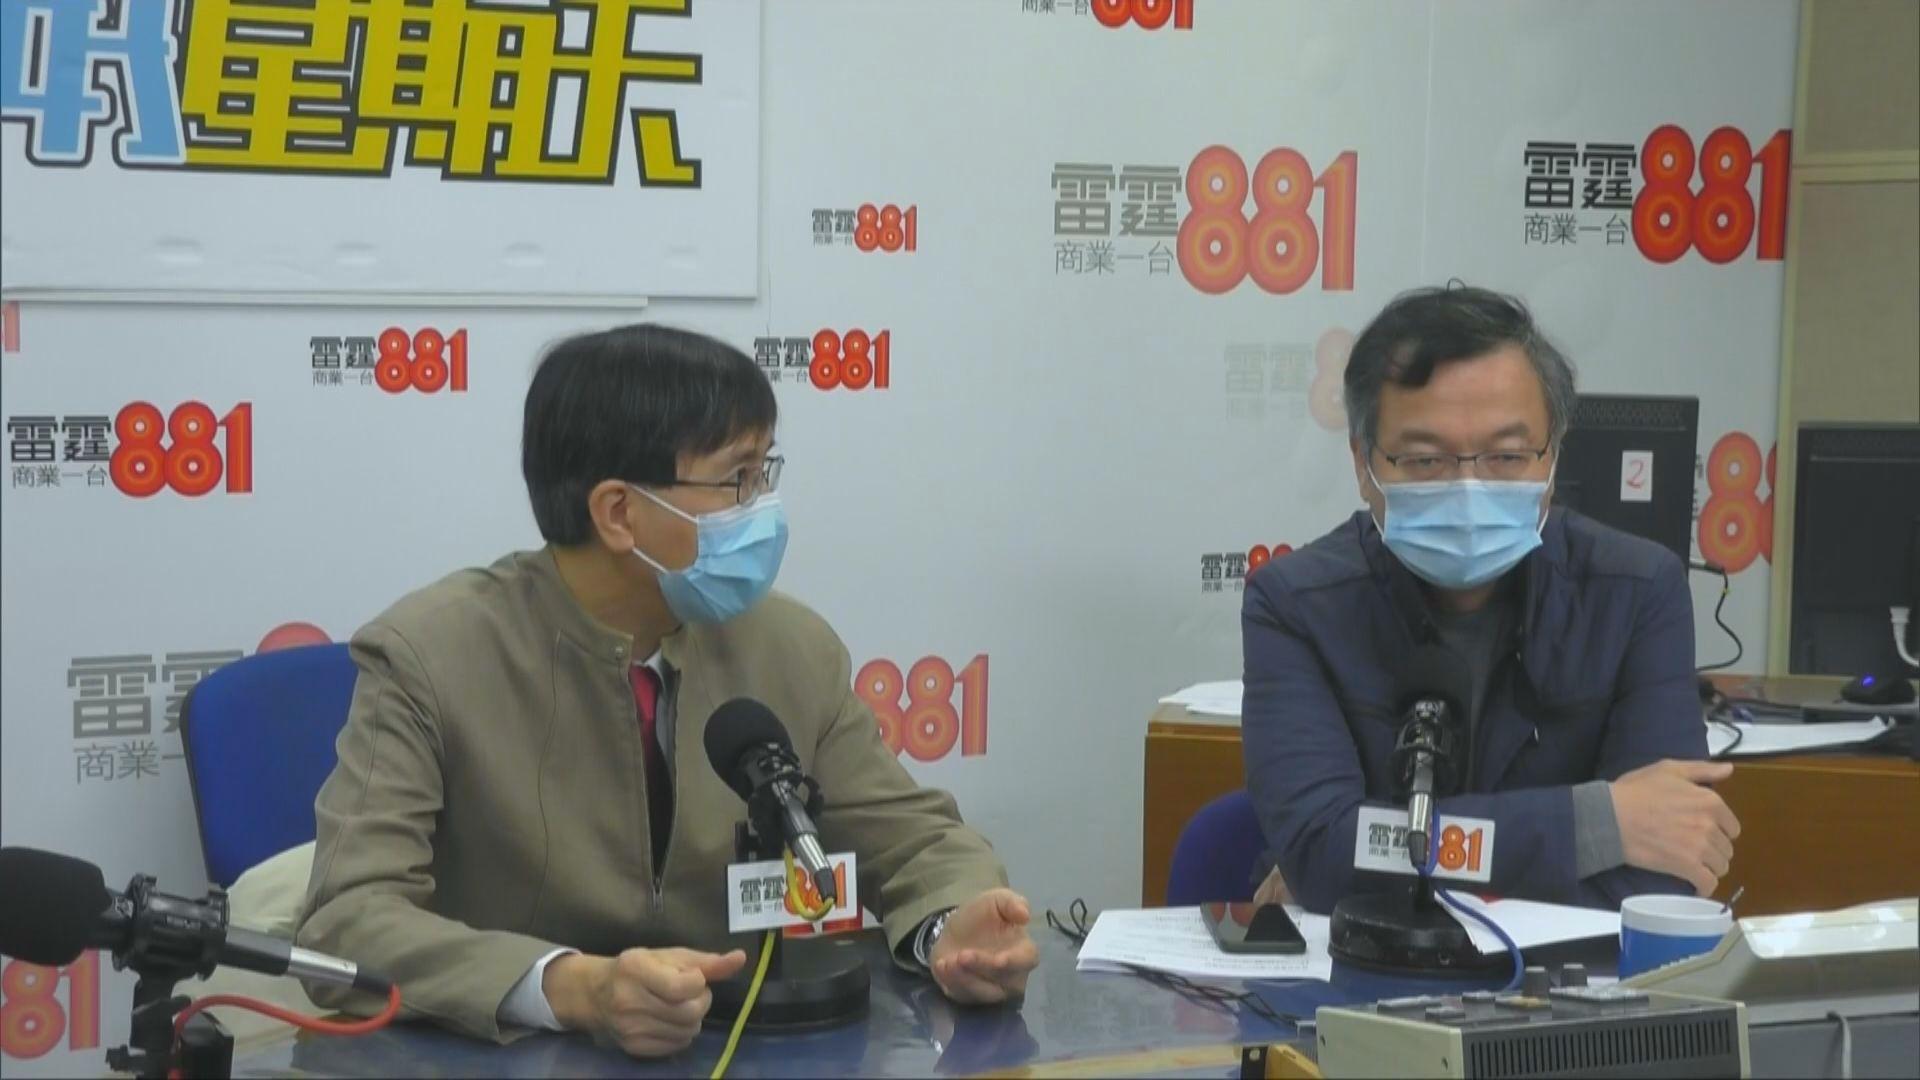 袁國勇:疫情現階段仍然不樂觀 對輕微病患檢測不足